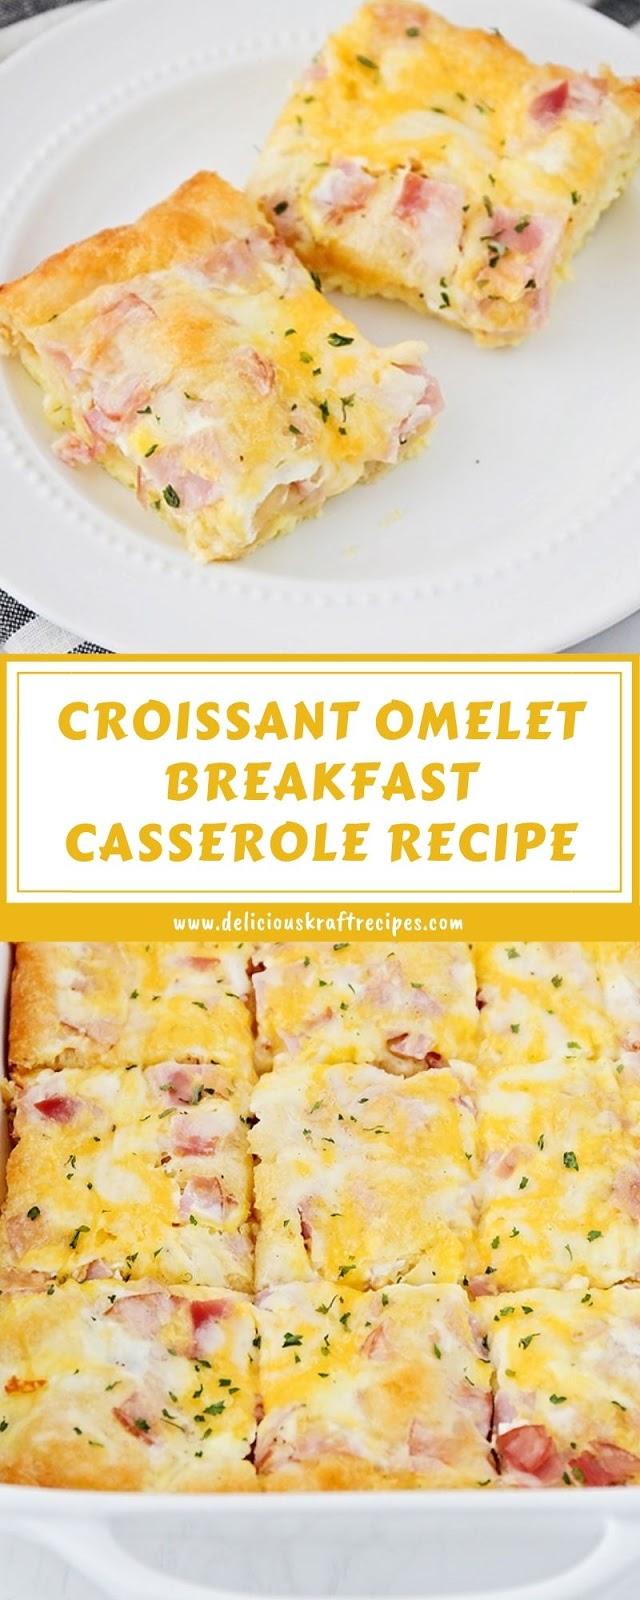 CROISSANT OMELET BREAKFAST CASSEROLE RECIPE